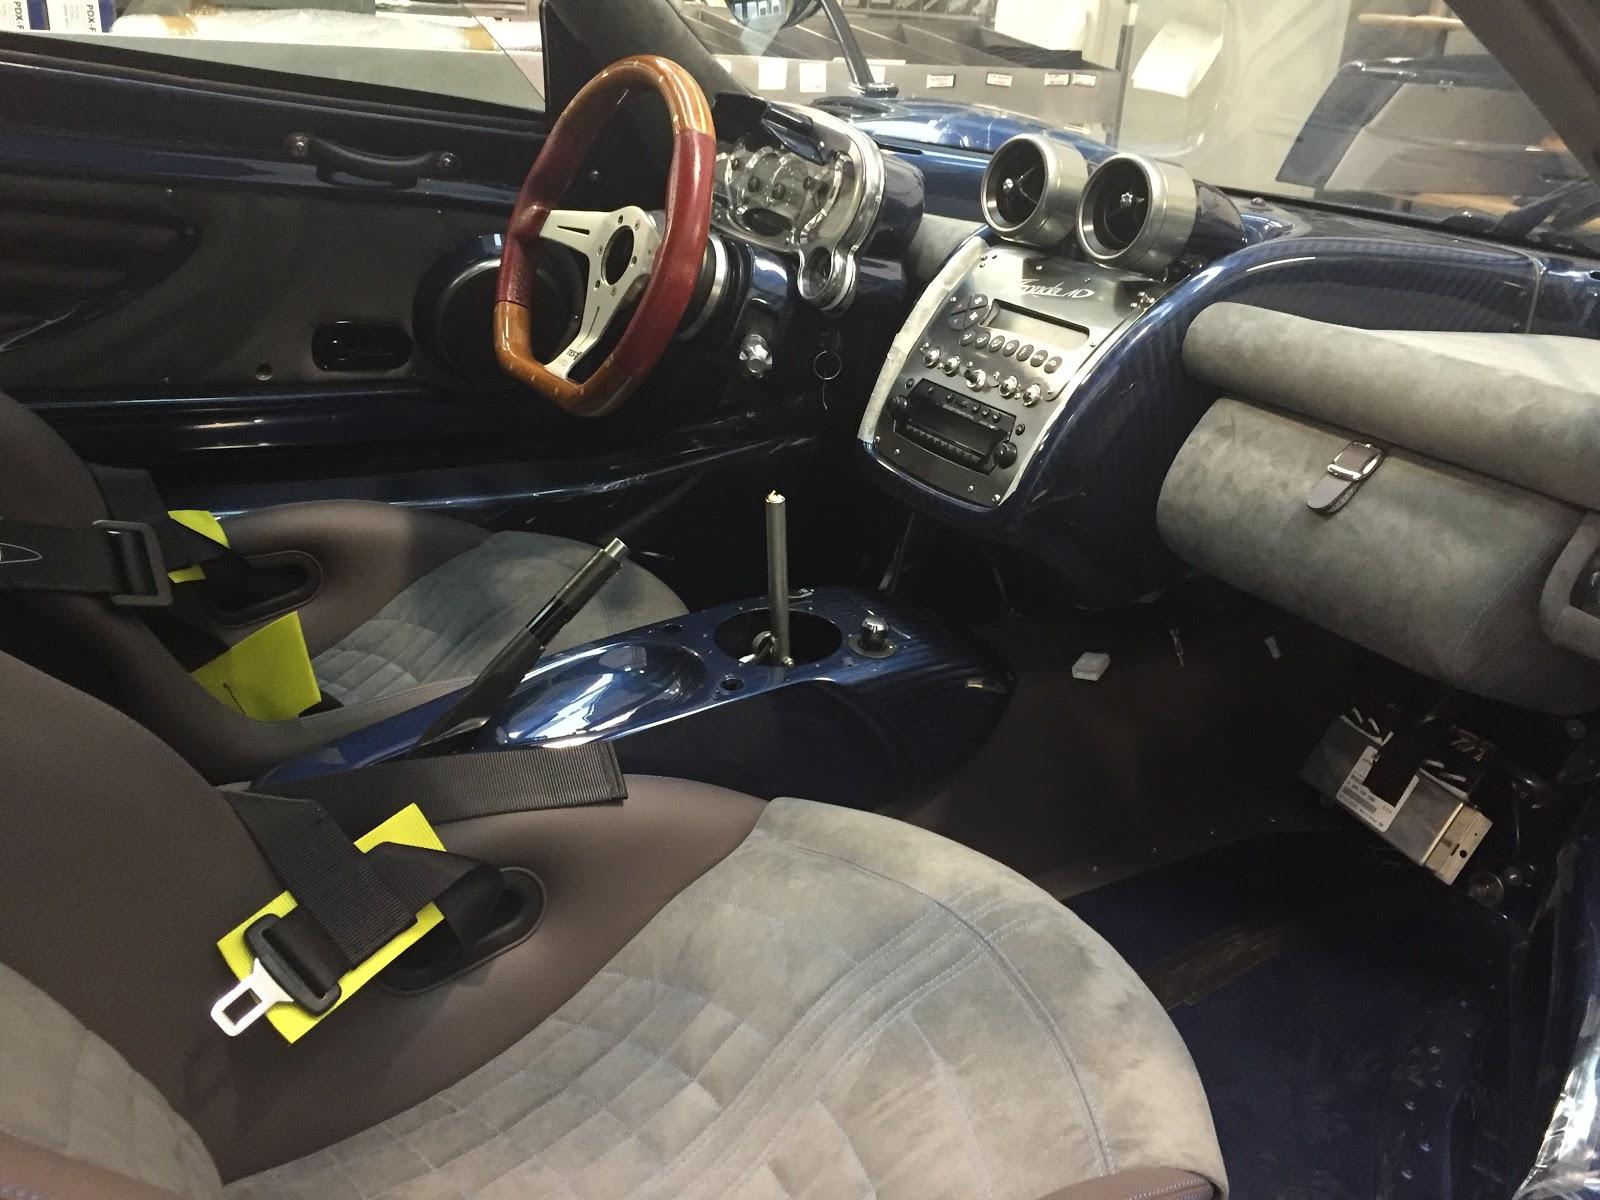 Nội thất của xe đang trong quá trình tinh chỉnh lại một vài điểm cho phù hợp